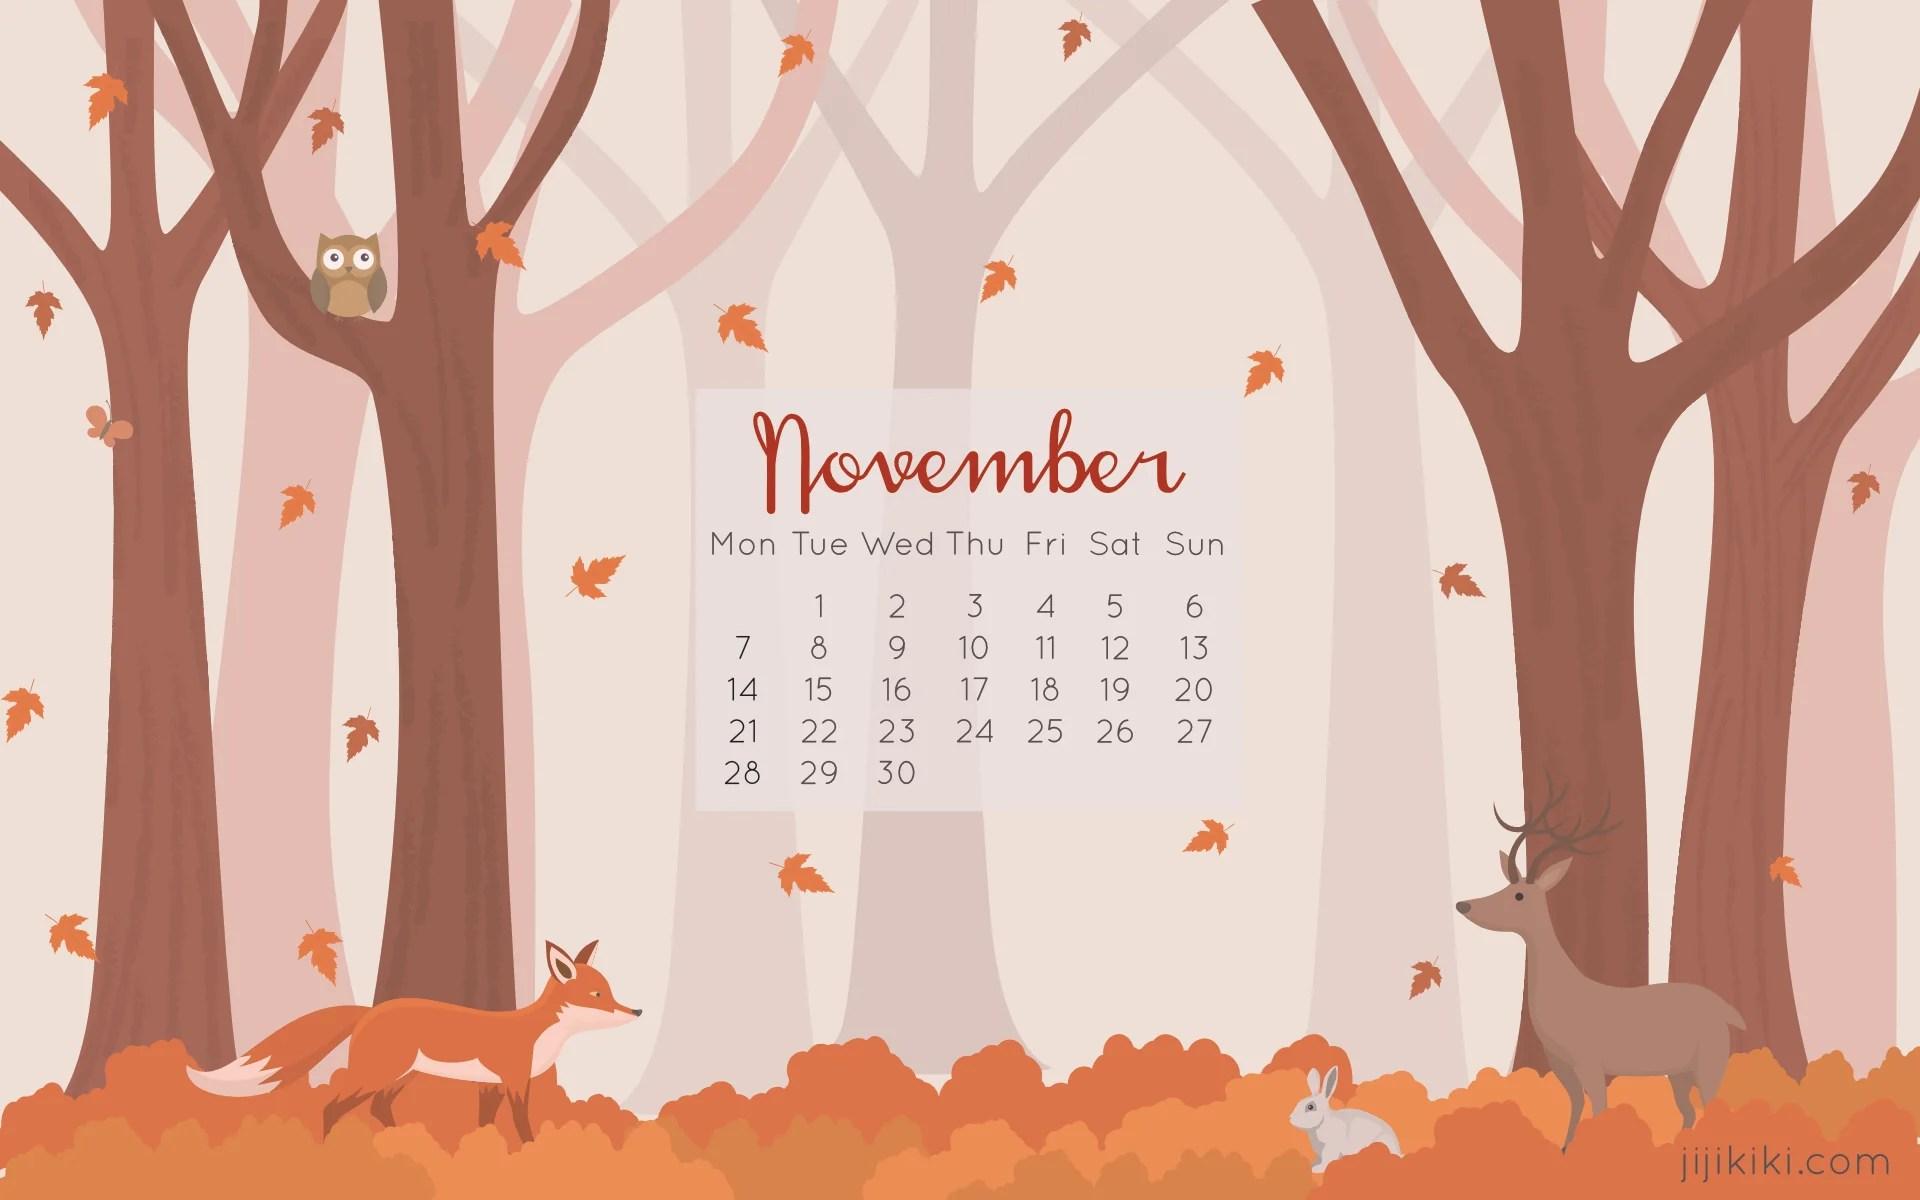 Cute November Calendar Wallpaper November 2016 Desktop Calendars Ji Ji Kiki